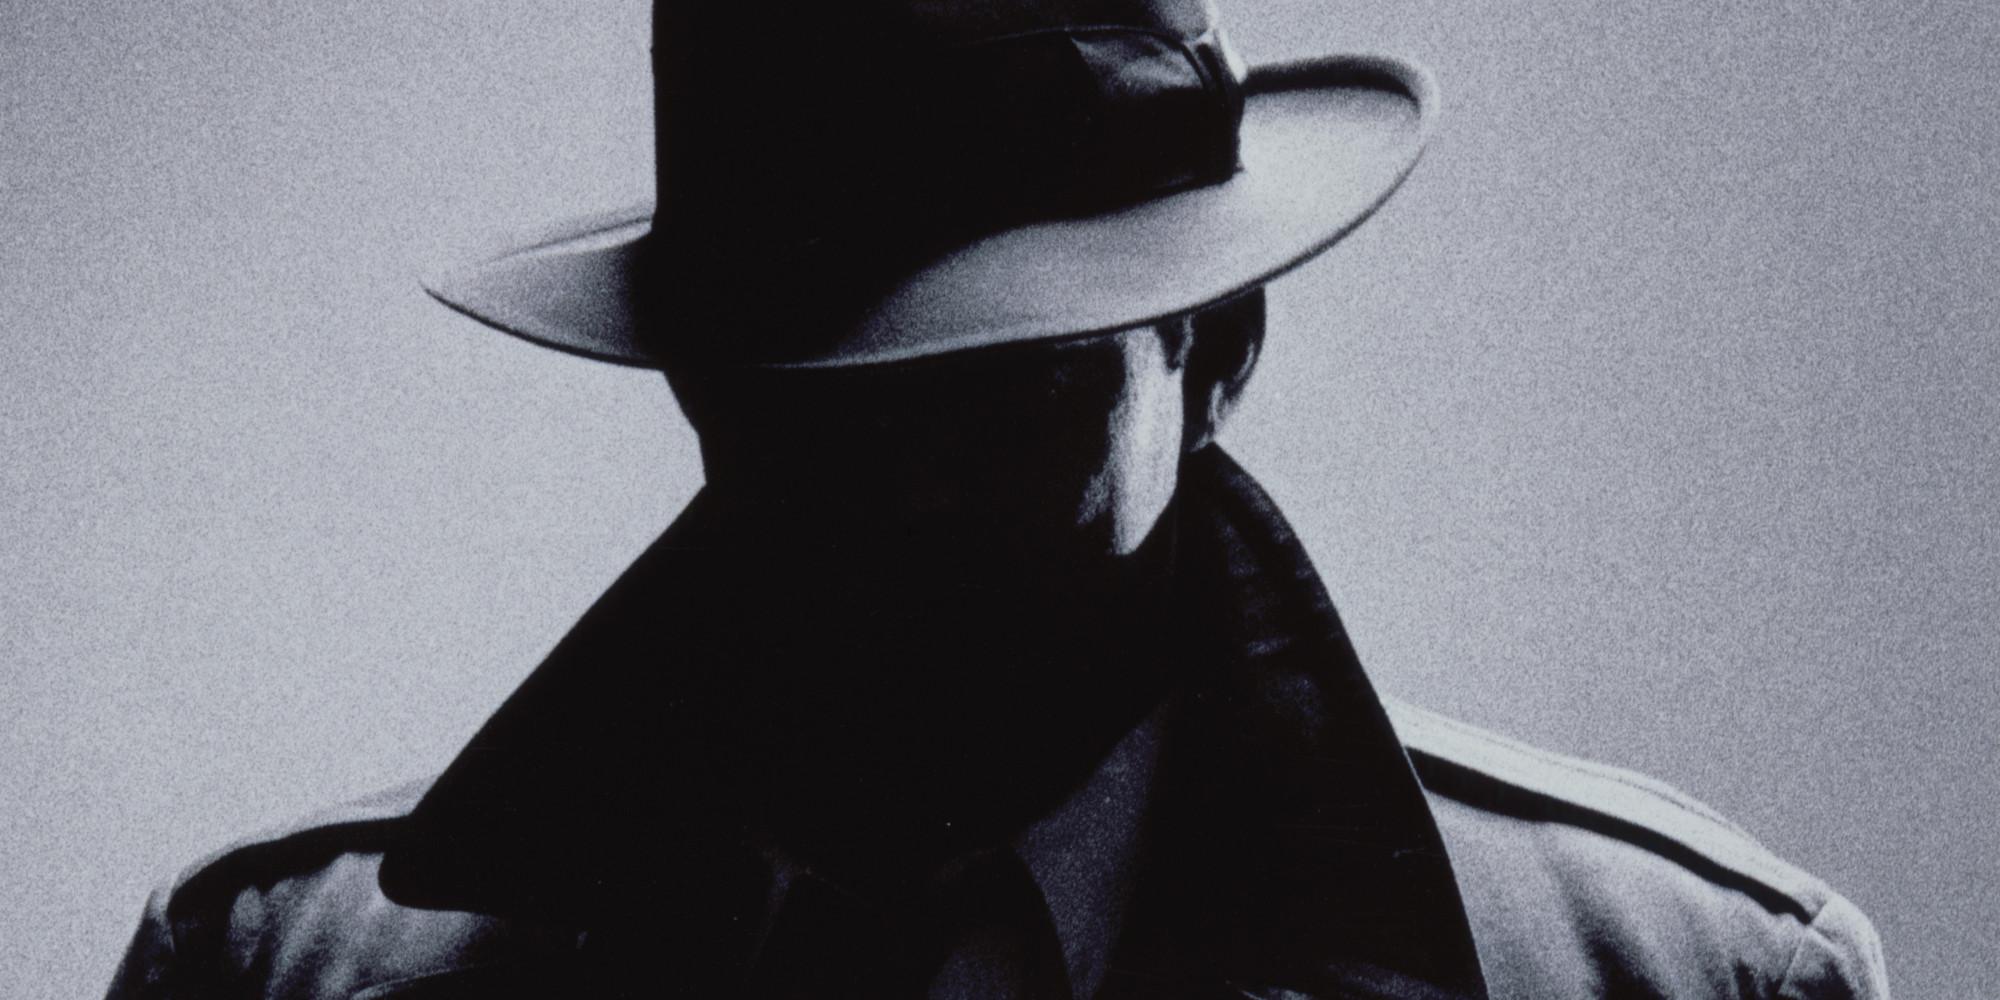 Detektyw – kiedy skorzystać z jego usług